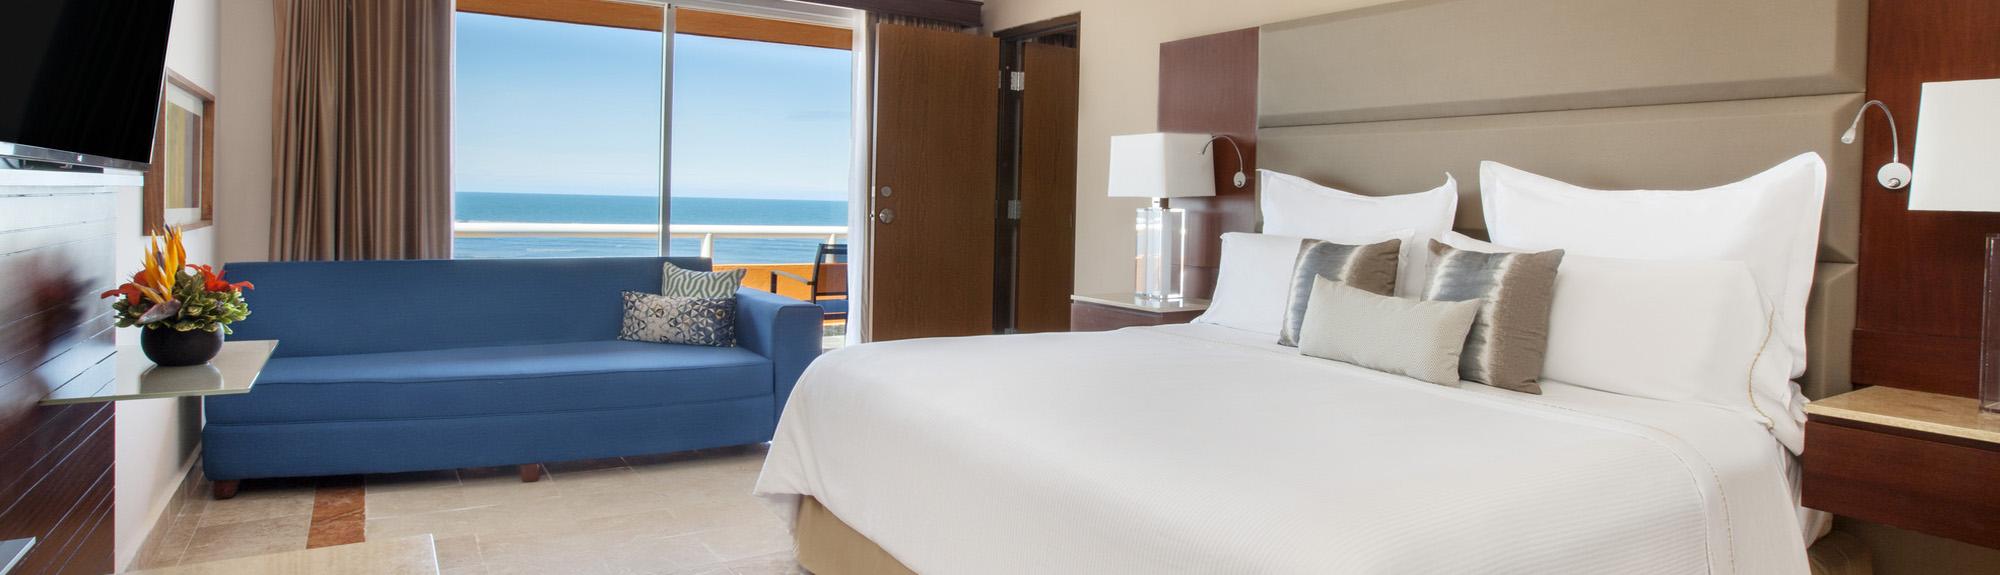 Hotel 5 estrellas en Veracruz